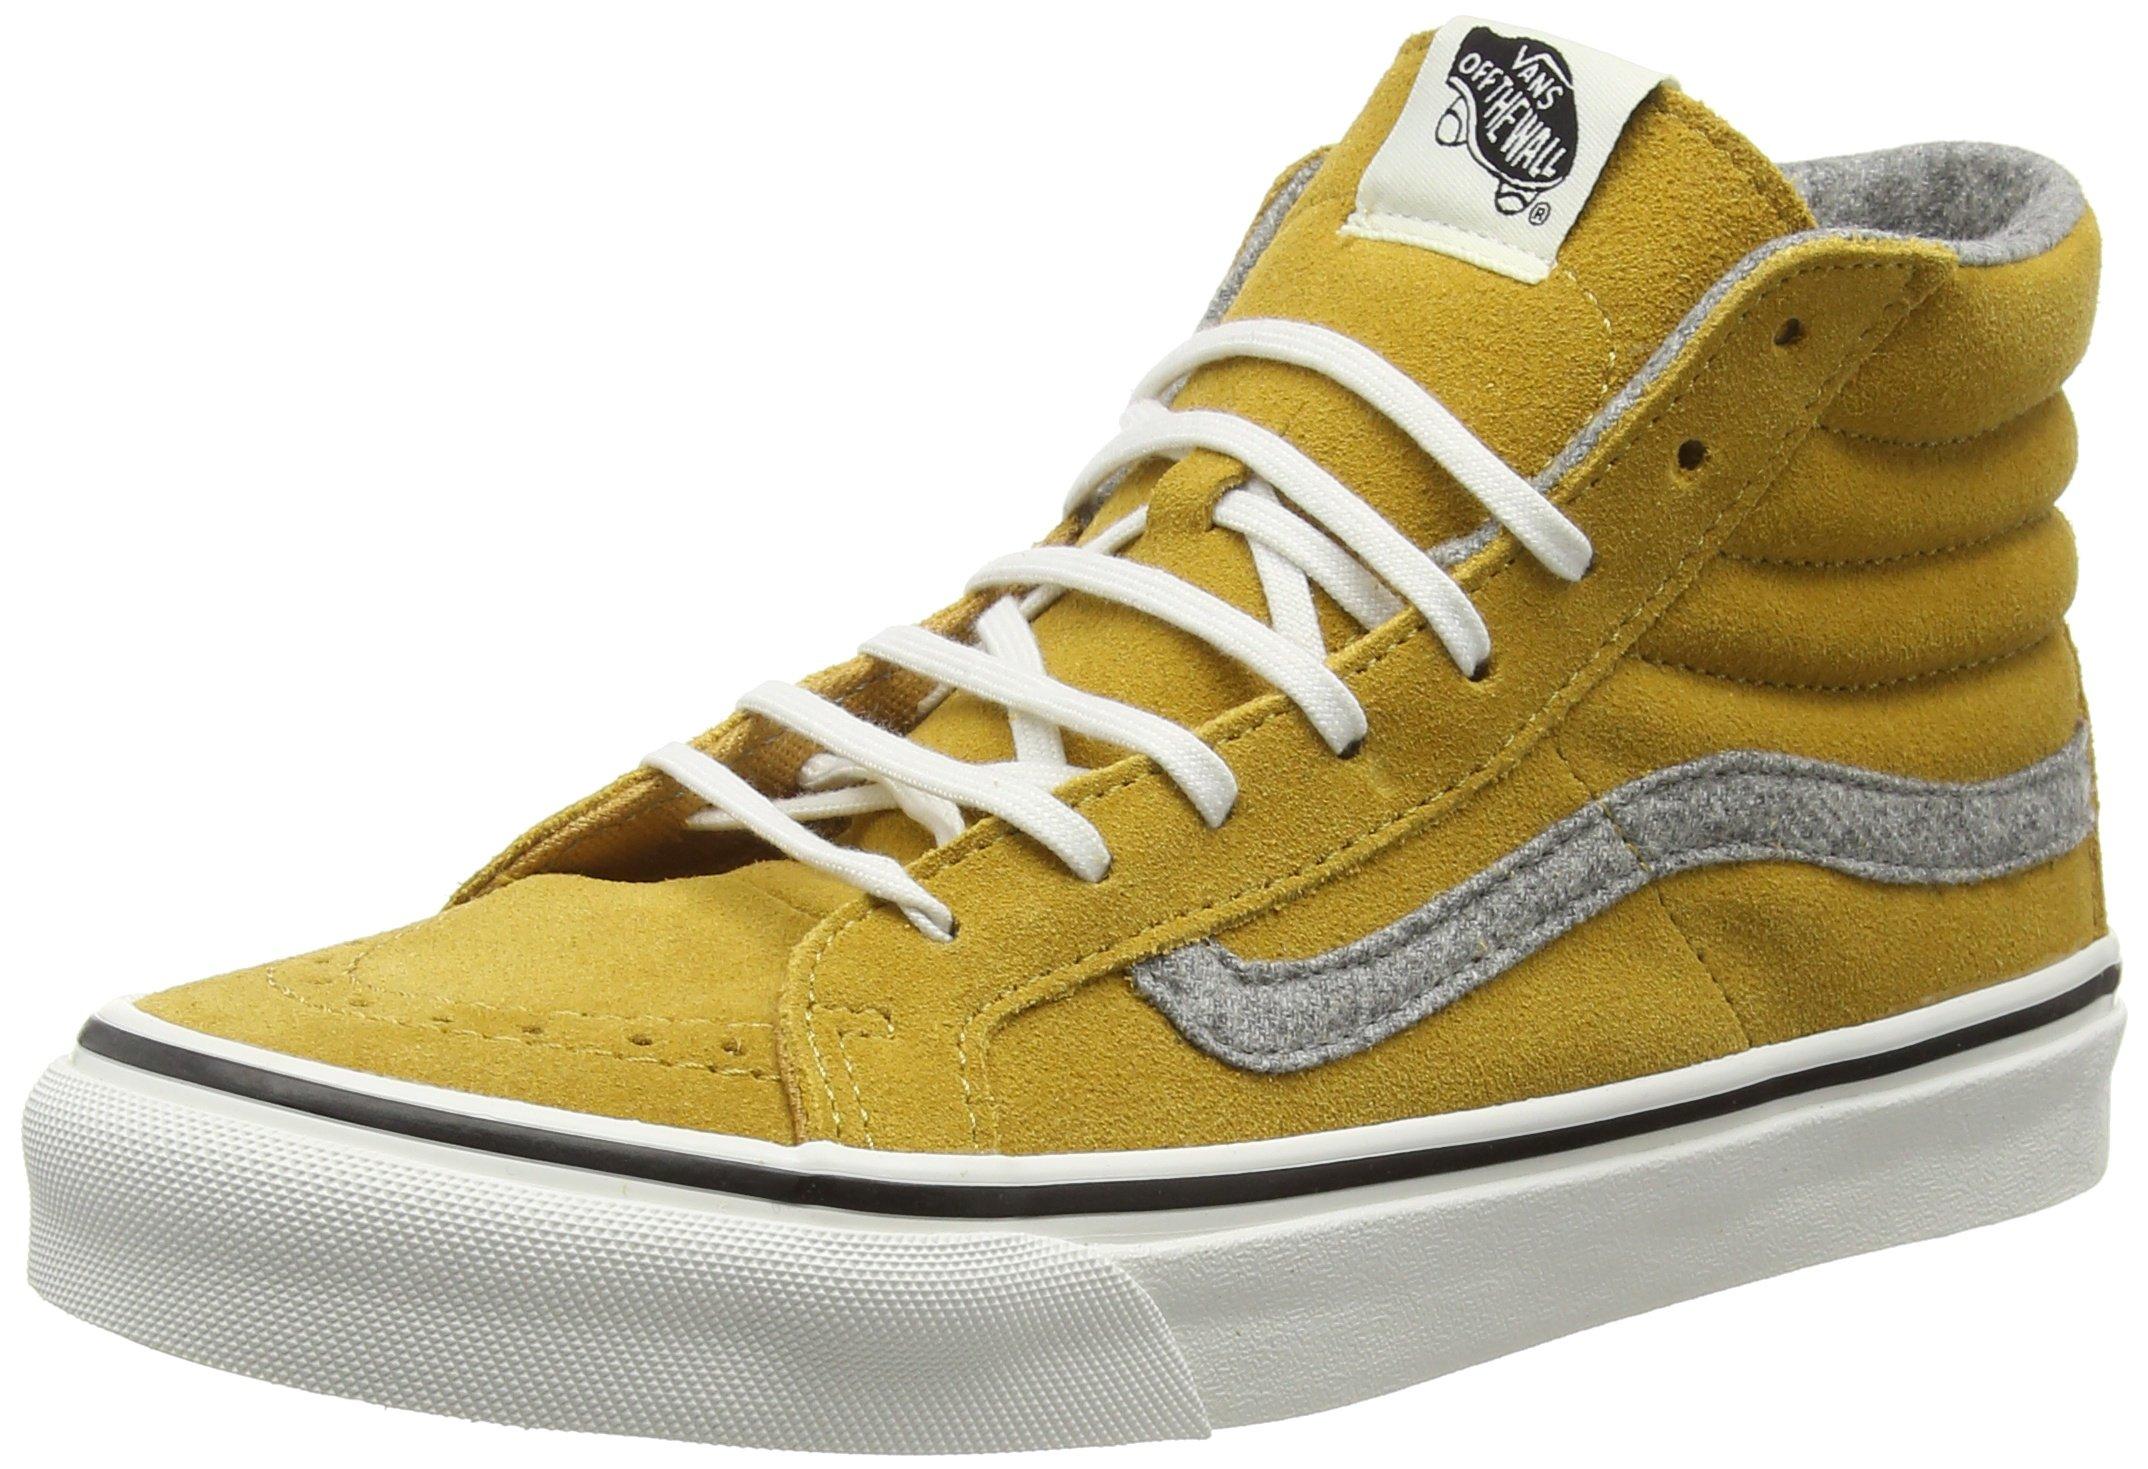 Vans Sk8-Hi Slim, Unisex Adults Hi-Top Sneakers, Yellow (Vintage Suede Amber Gold), 6 UK (39 EU) by Vans